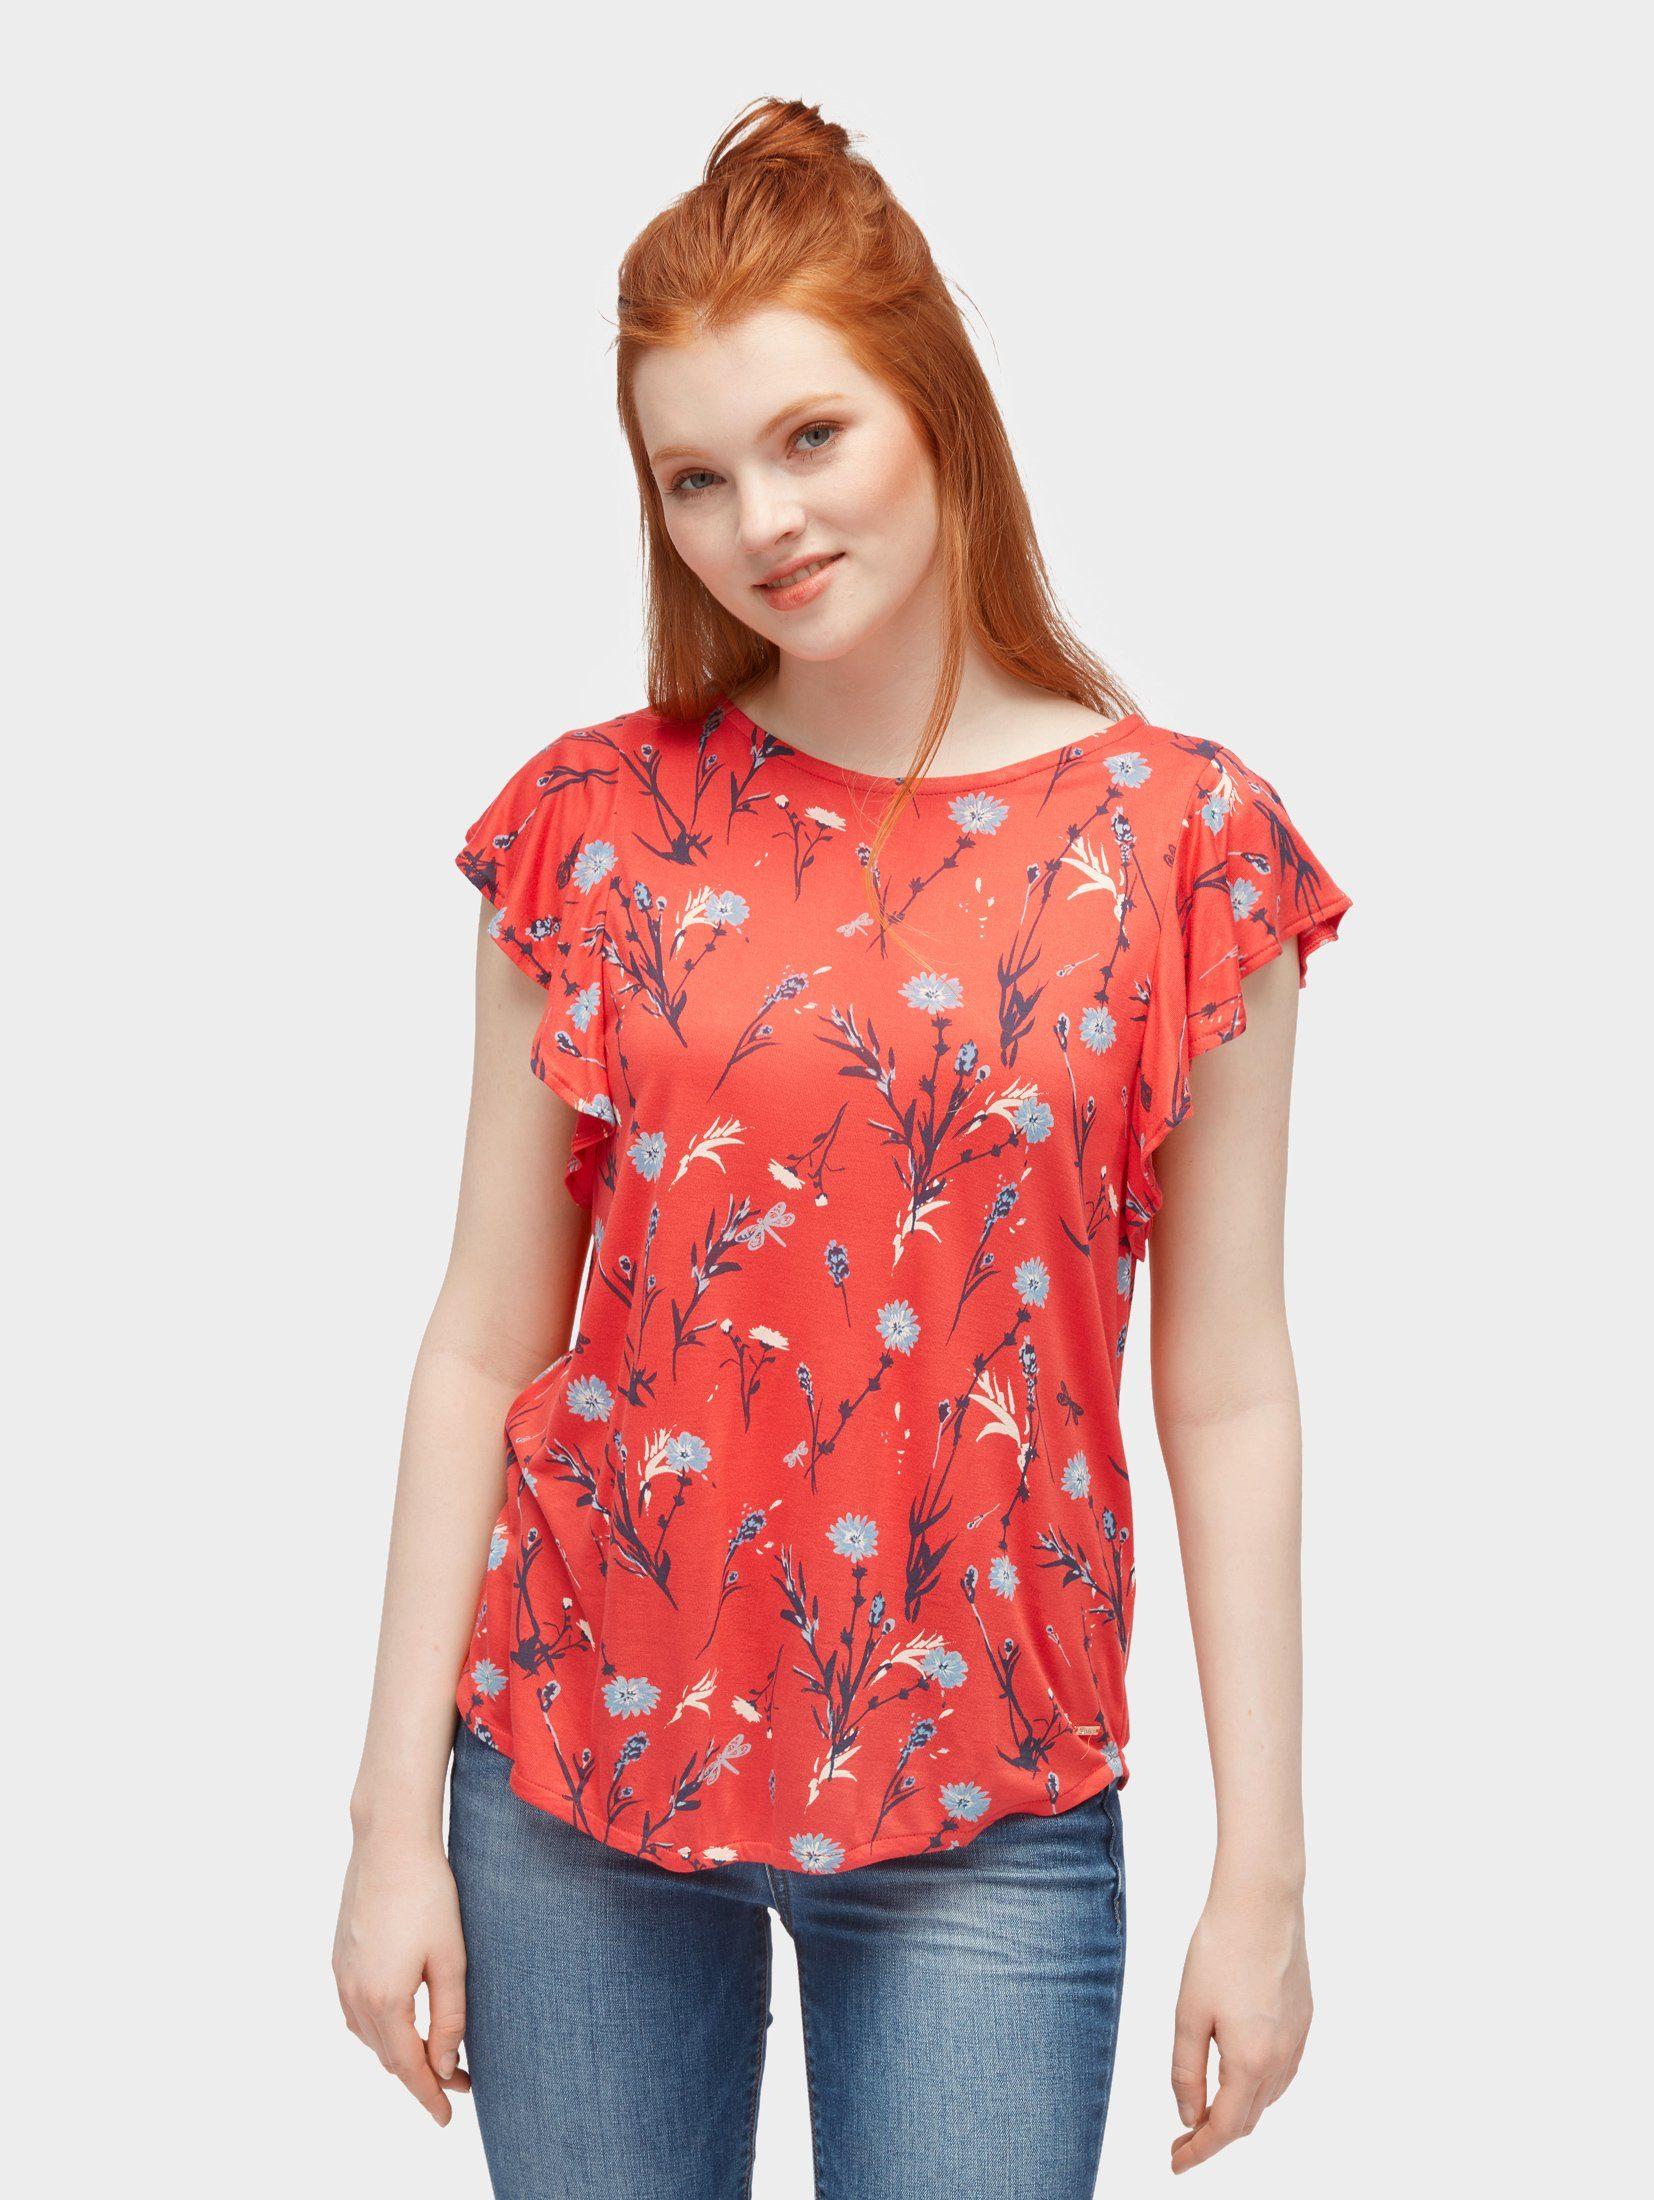 TOM TAILOR Denim T-Shirt »T-Shirt mit floralem Muster und Rüschen«